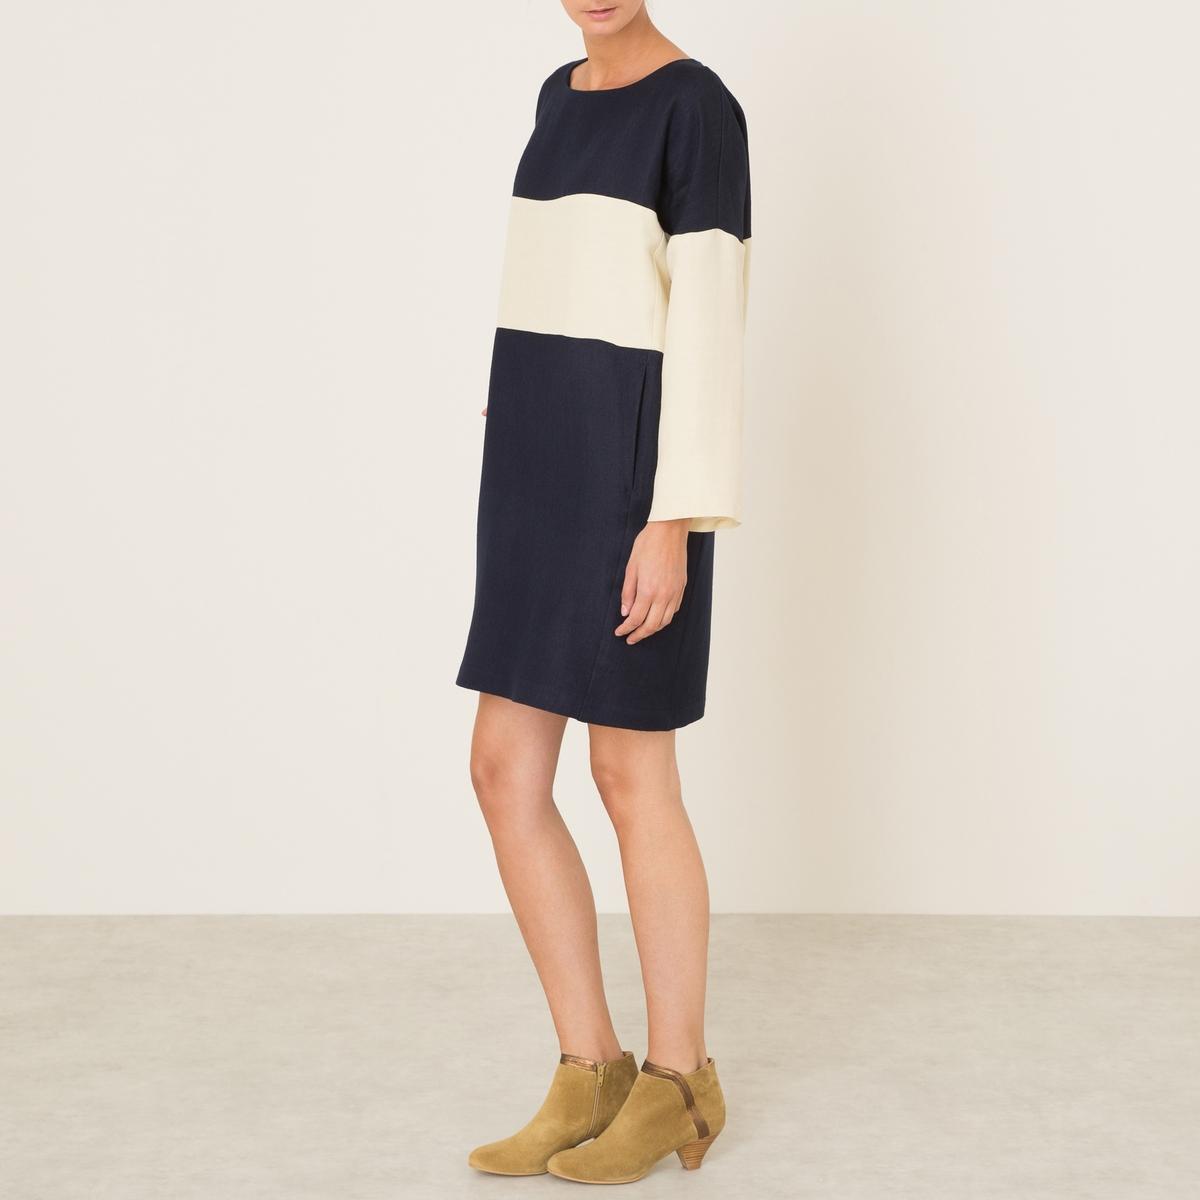 Платье FLORAСостав и описание Материал : 56% льна, 44% шерстиМарка : MOMONI<br><br>Цвет: экрю/ темно-синий<br>Размер: S